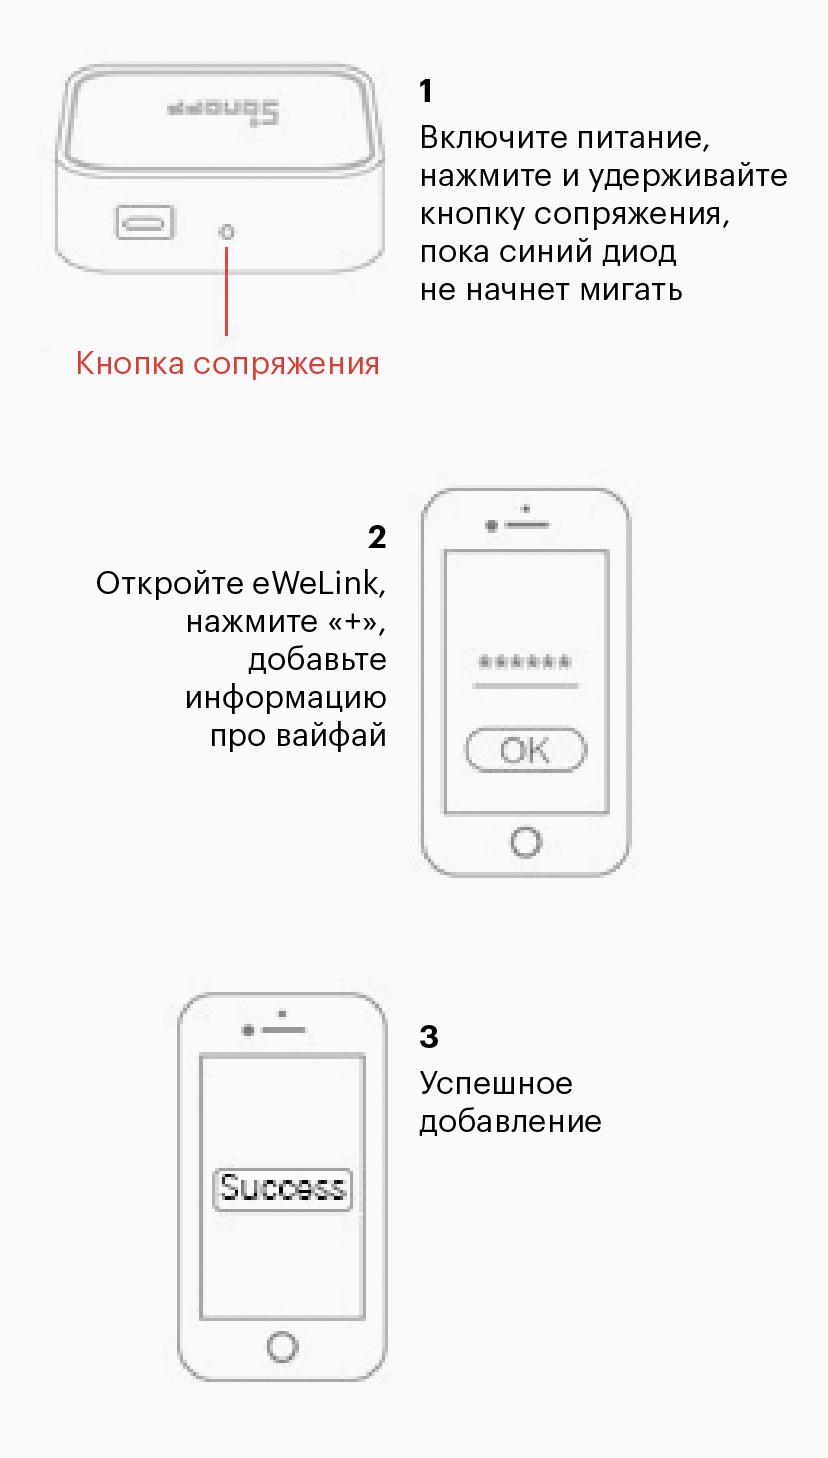 Инструкция по добавлению Sonoff bridge в приложении eWeLink. У меня проблем не возникло